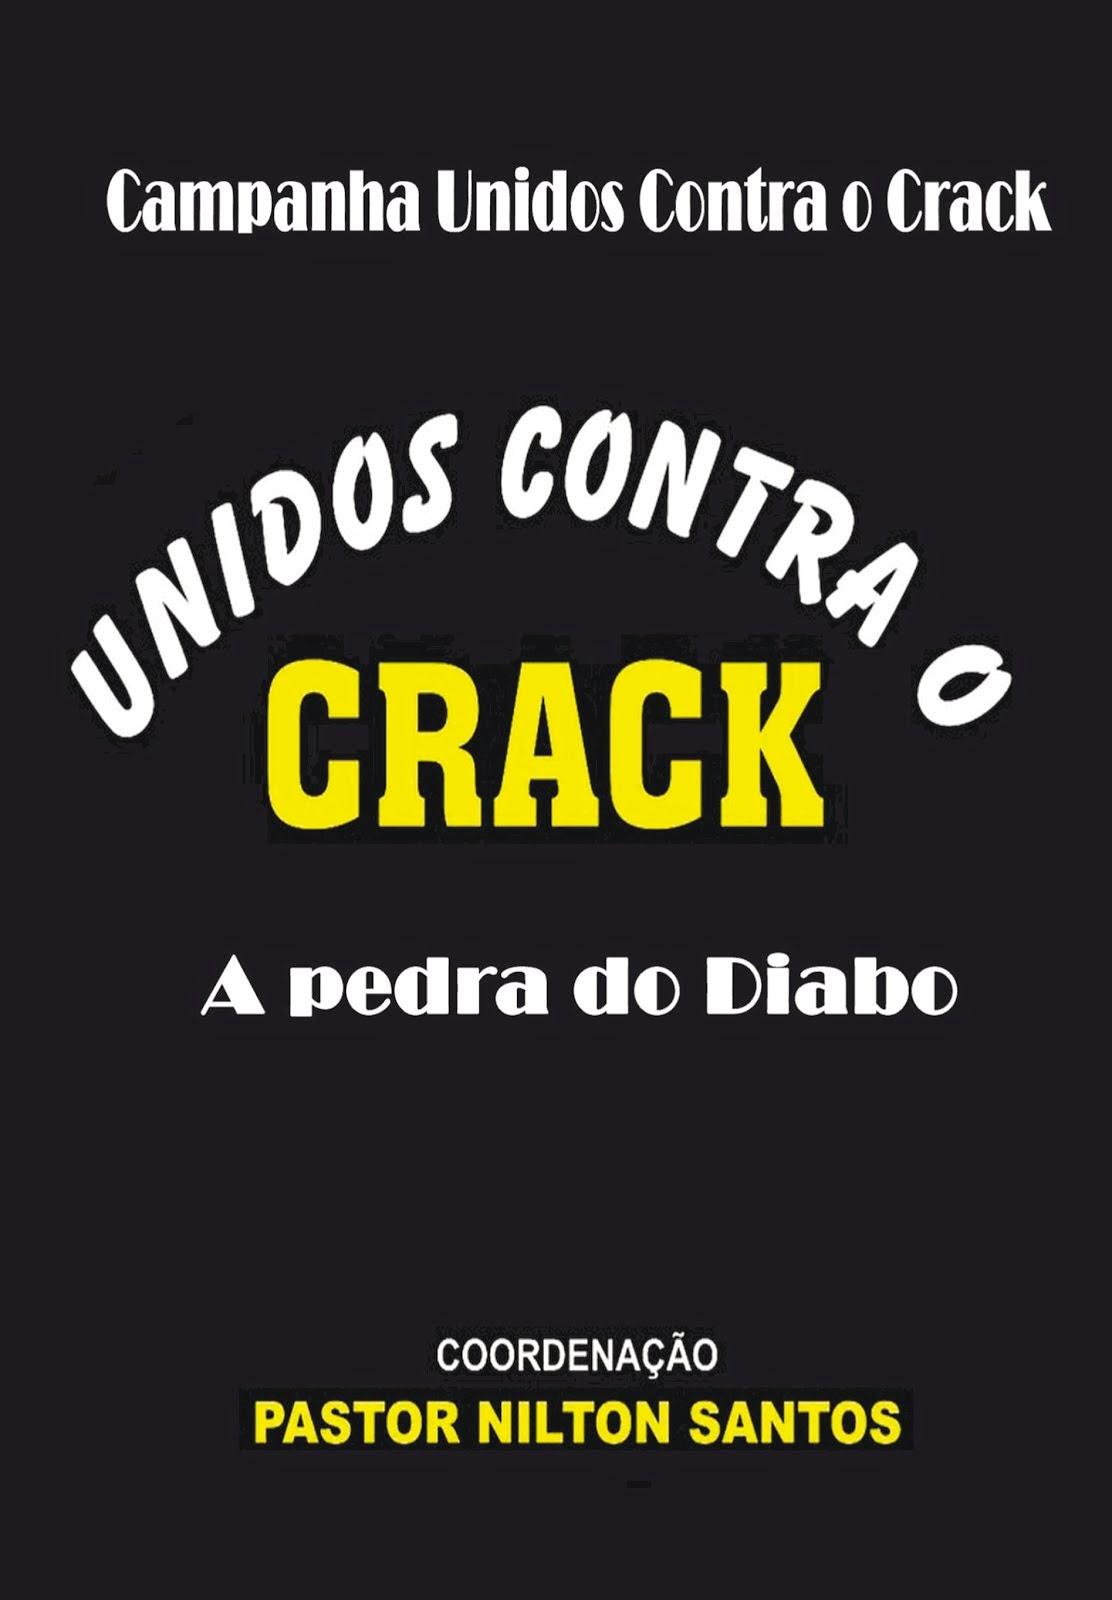 Cartilha do Crack